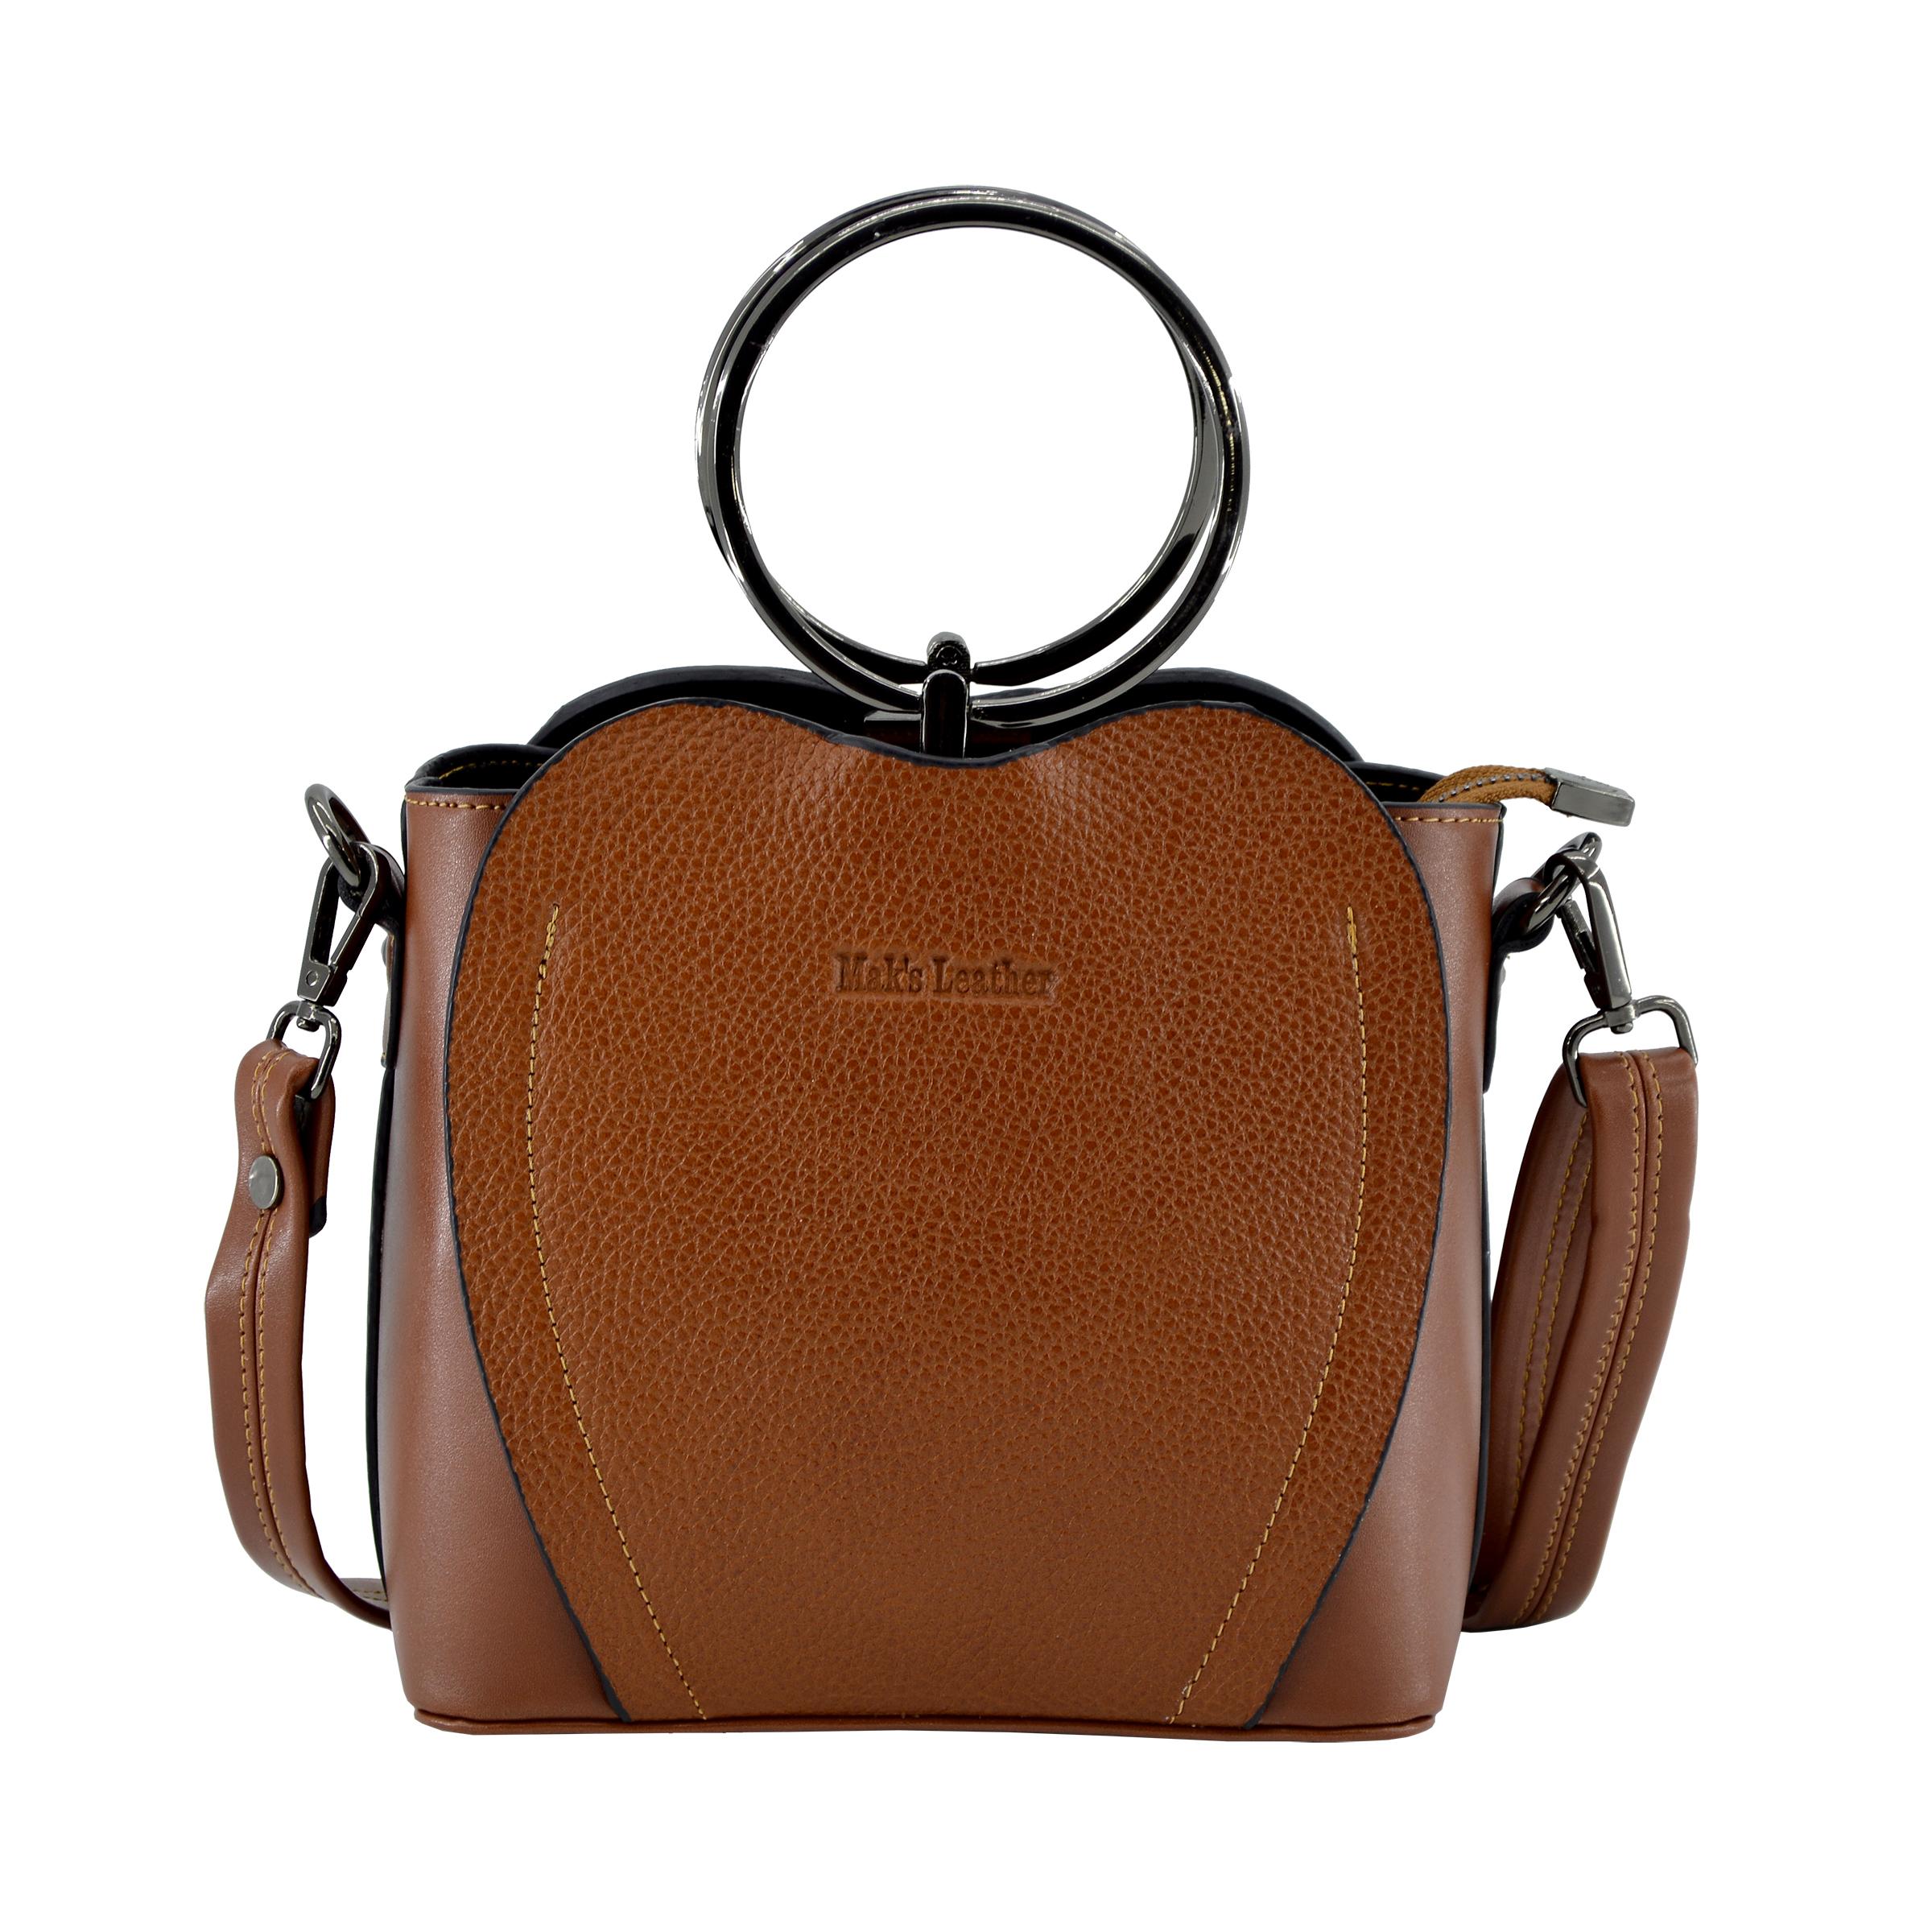 کیف دستی زنانه چرم مکس مدل آلدورا 13202